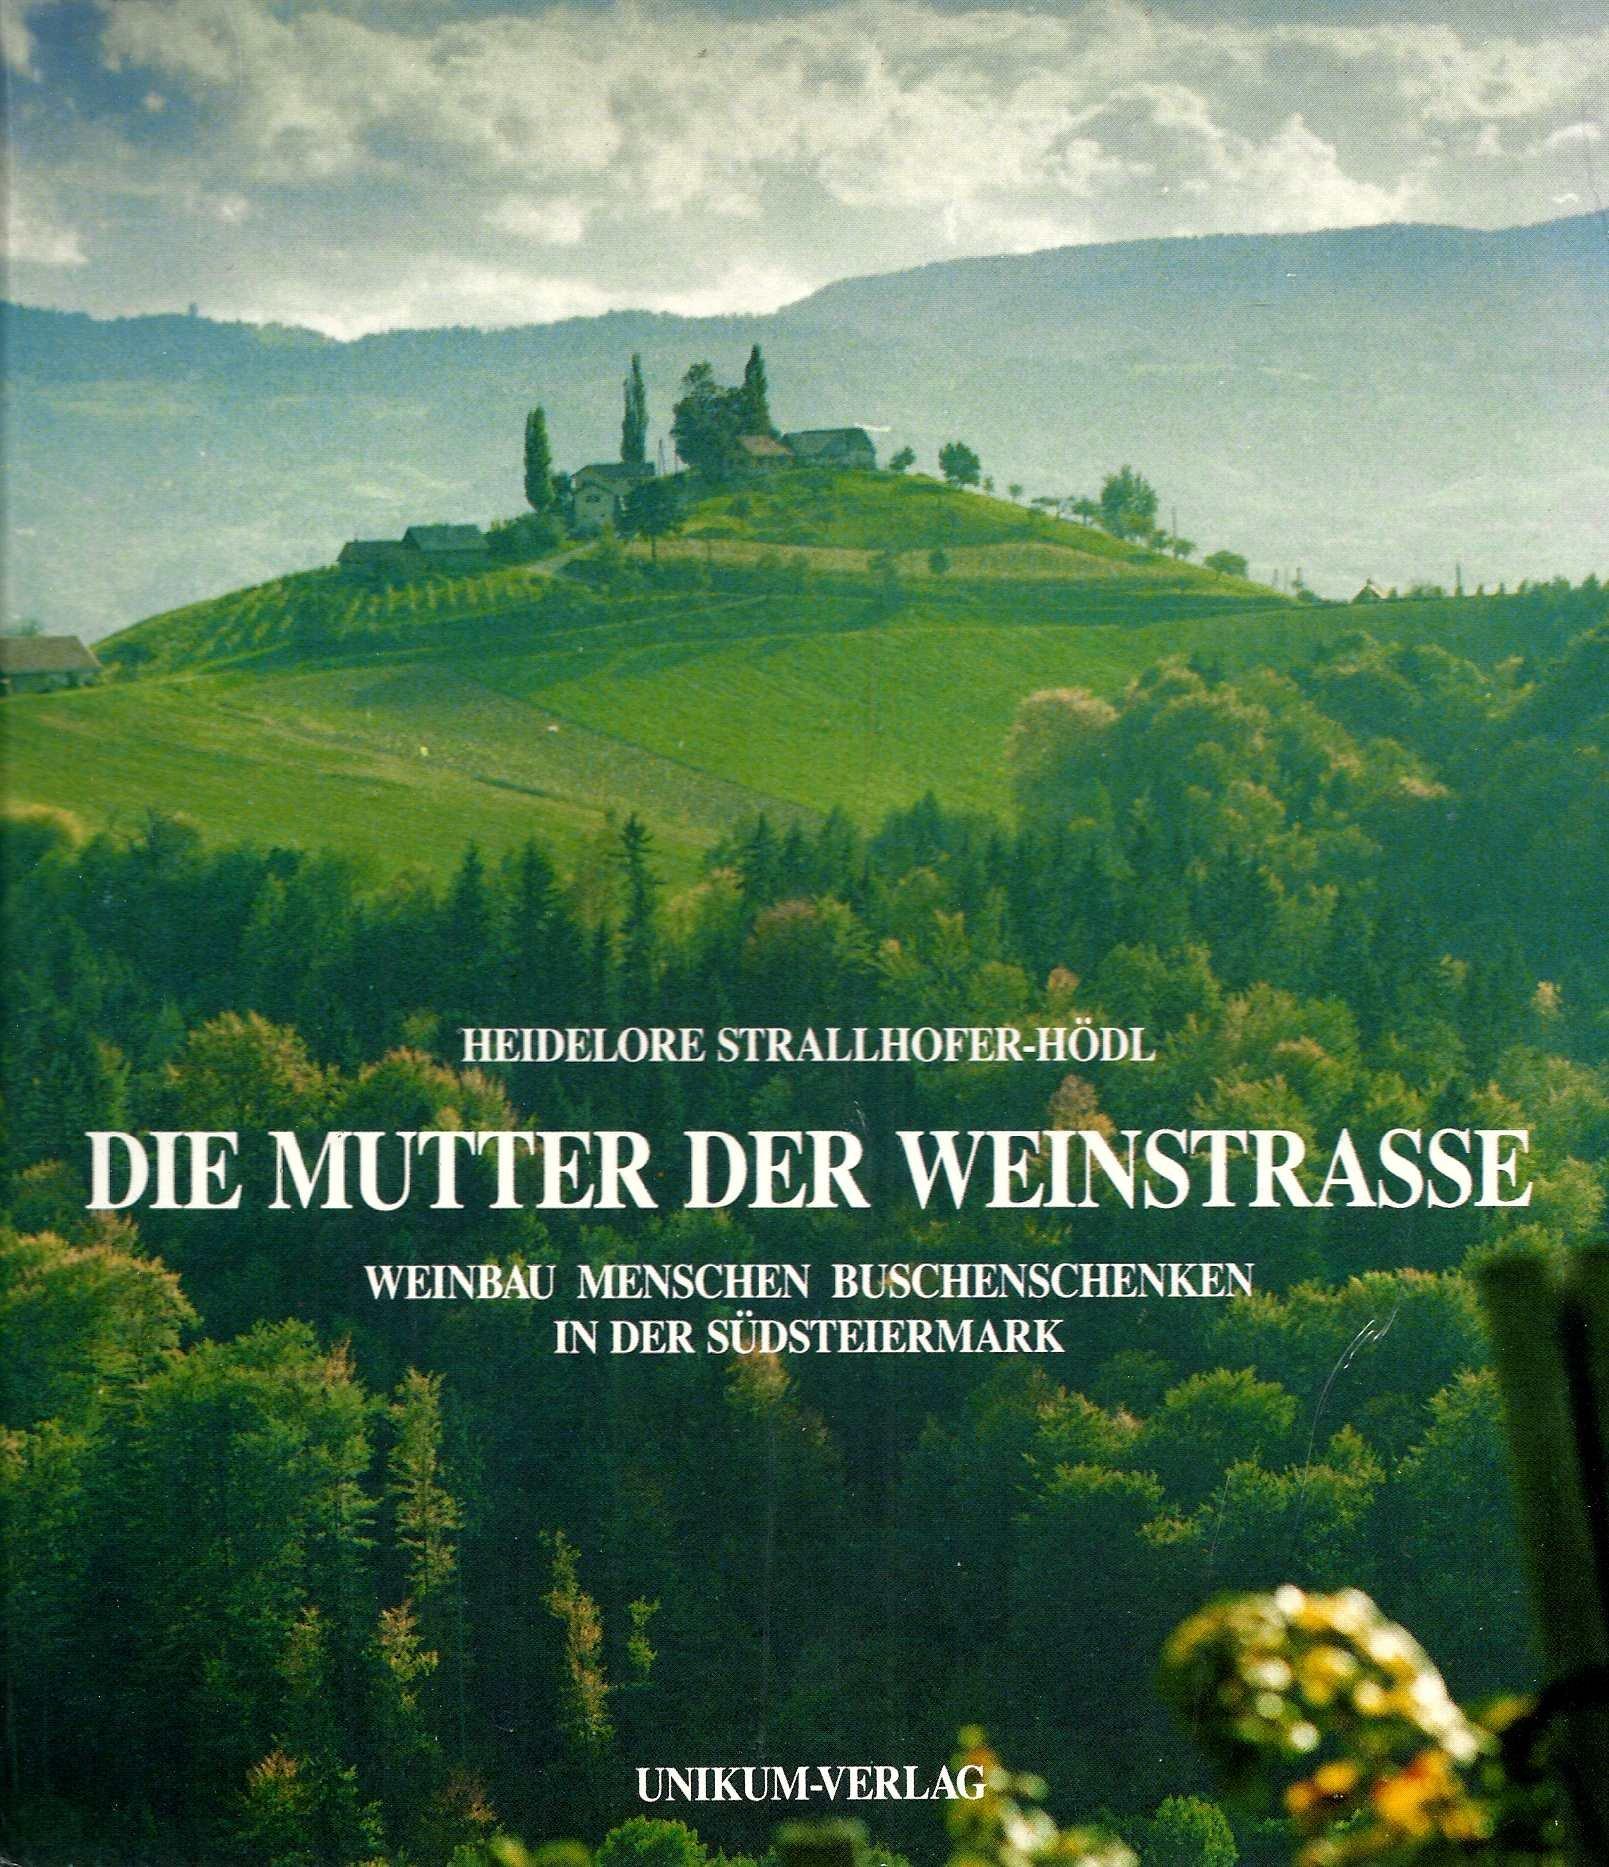 Die Mutter der Weinstrasse. Weinbau, Menschen, Buschenschenken in der Südsteiermark